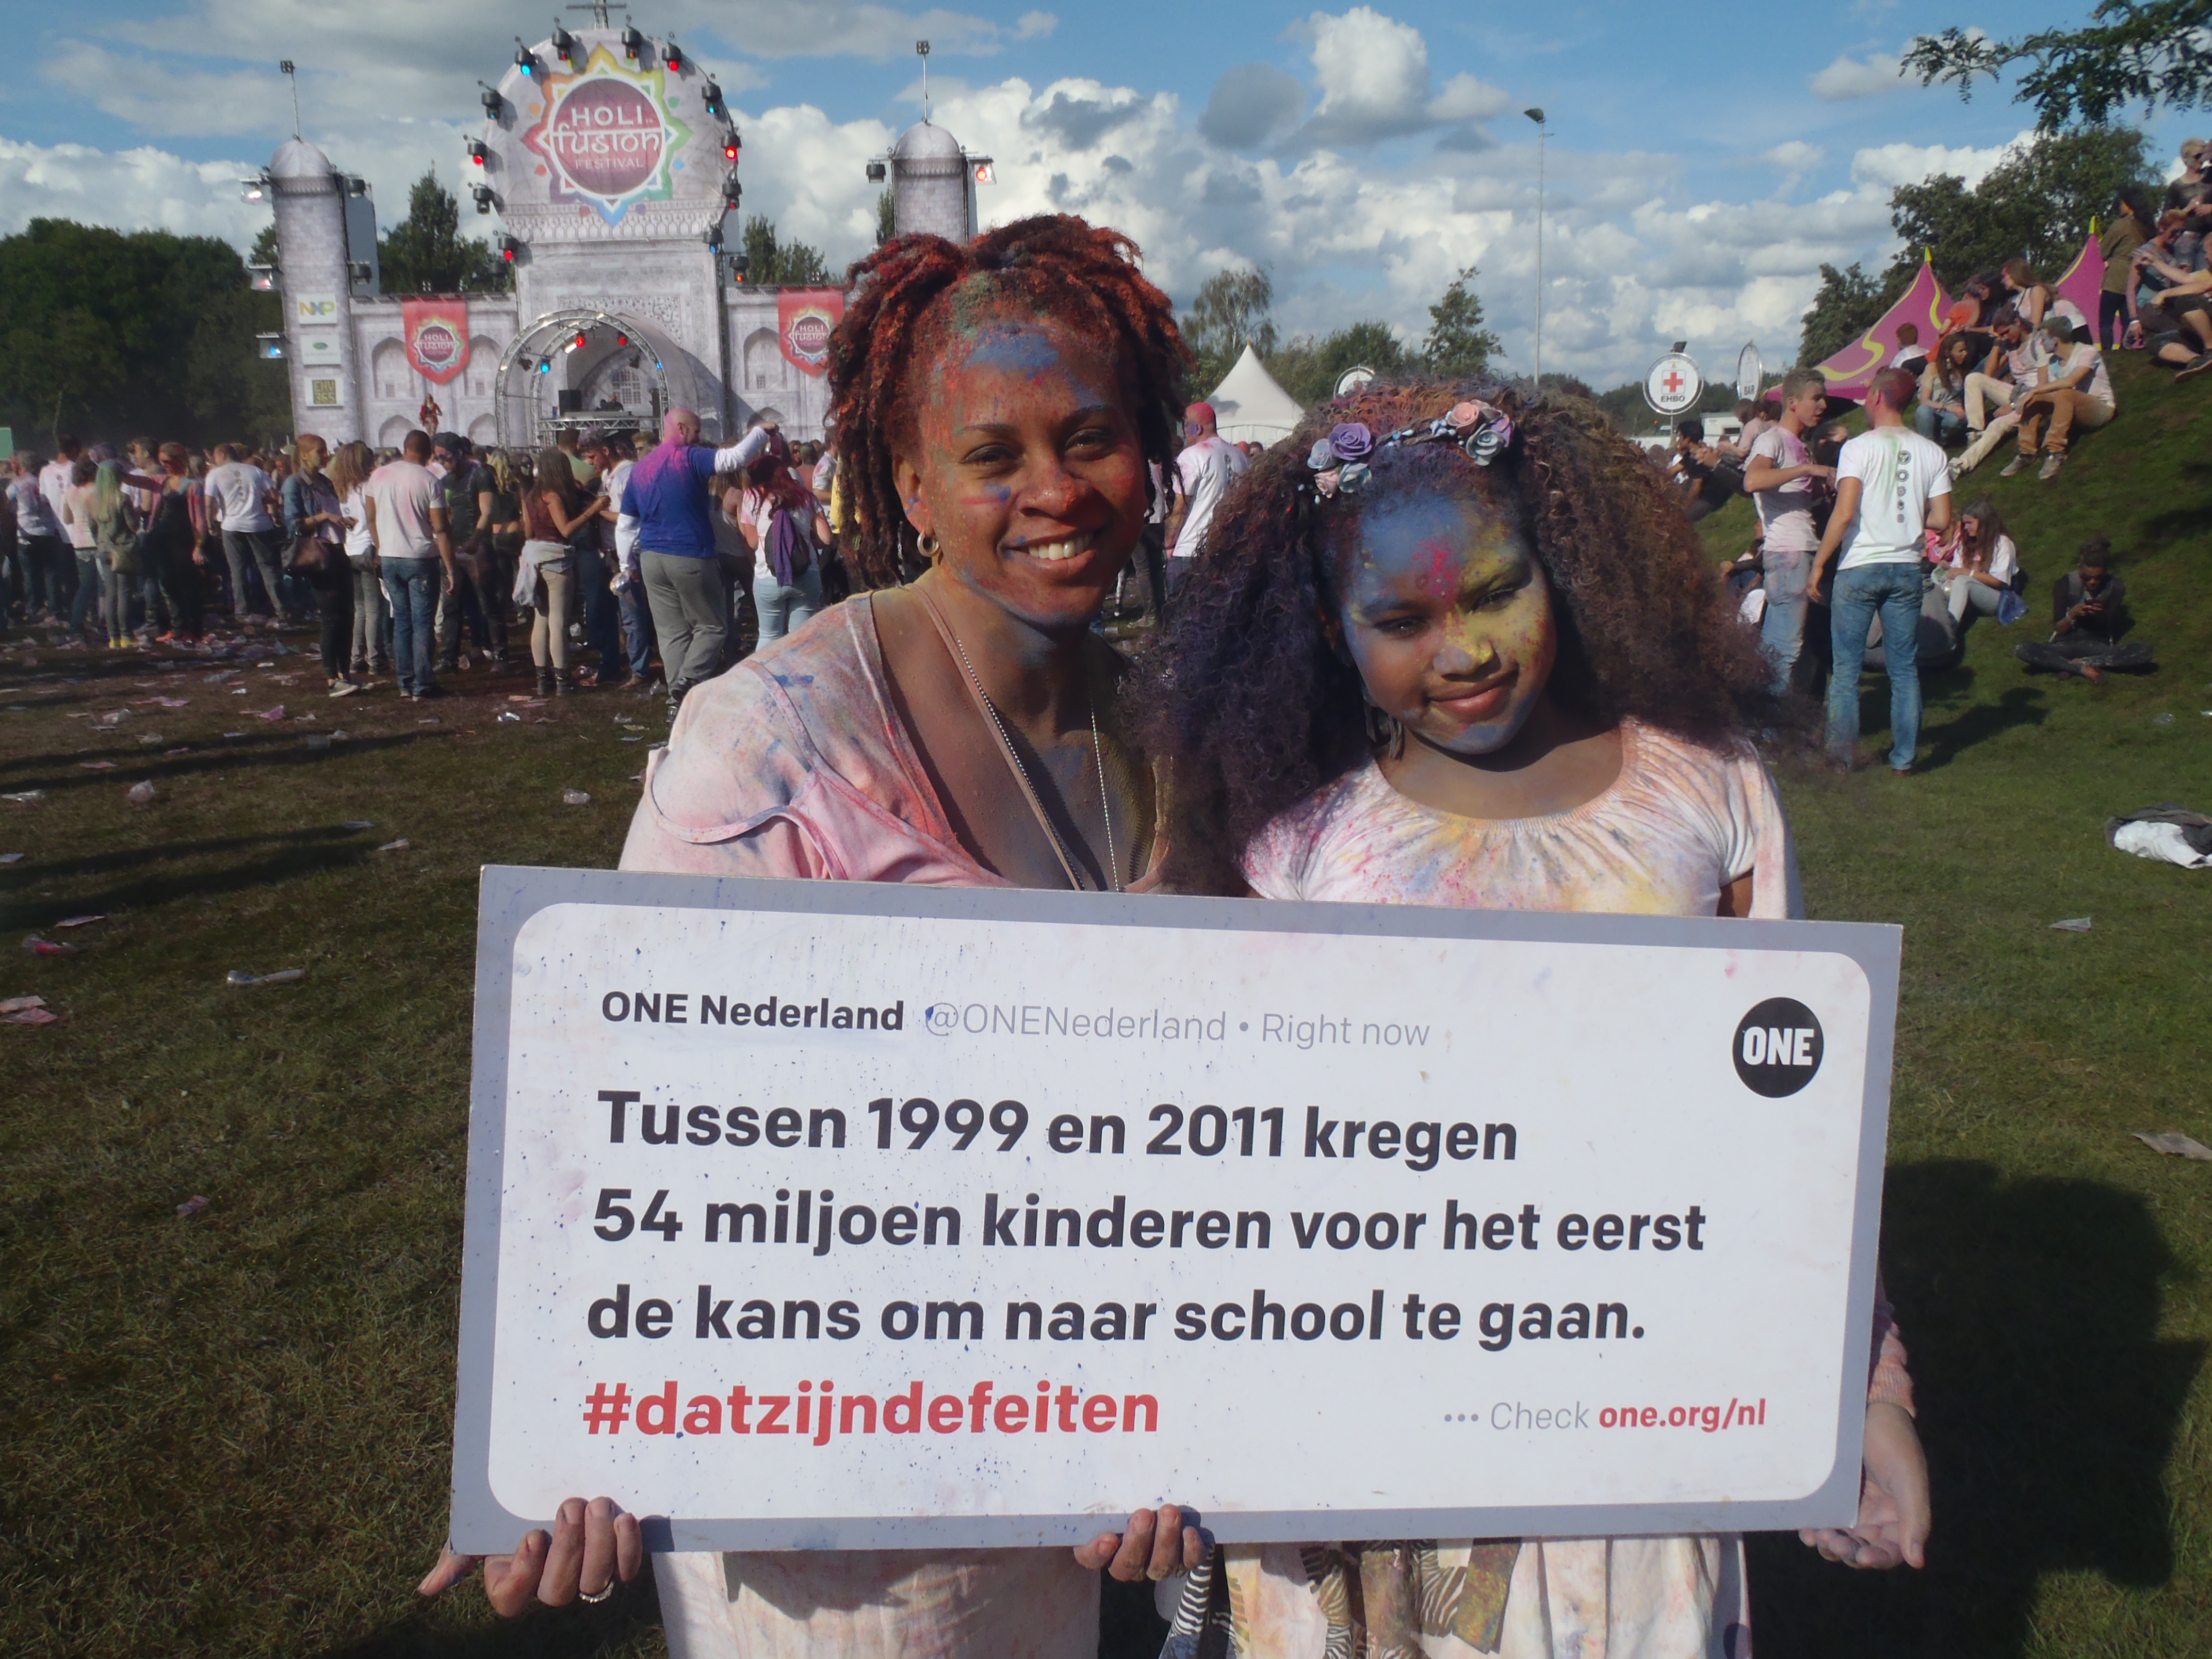 #datzijndefeiten bij het Holi Festival Eindhoven